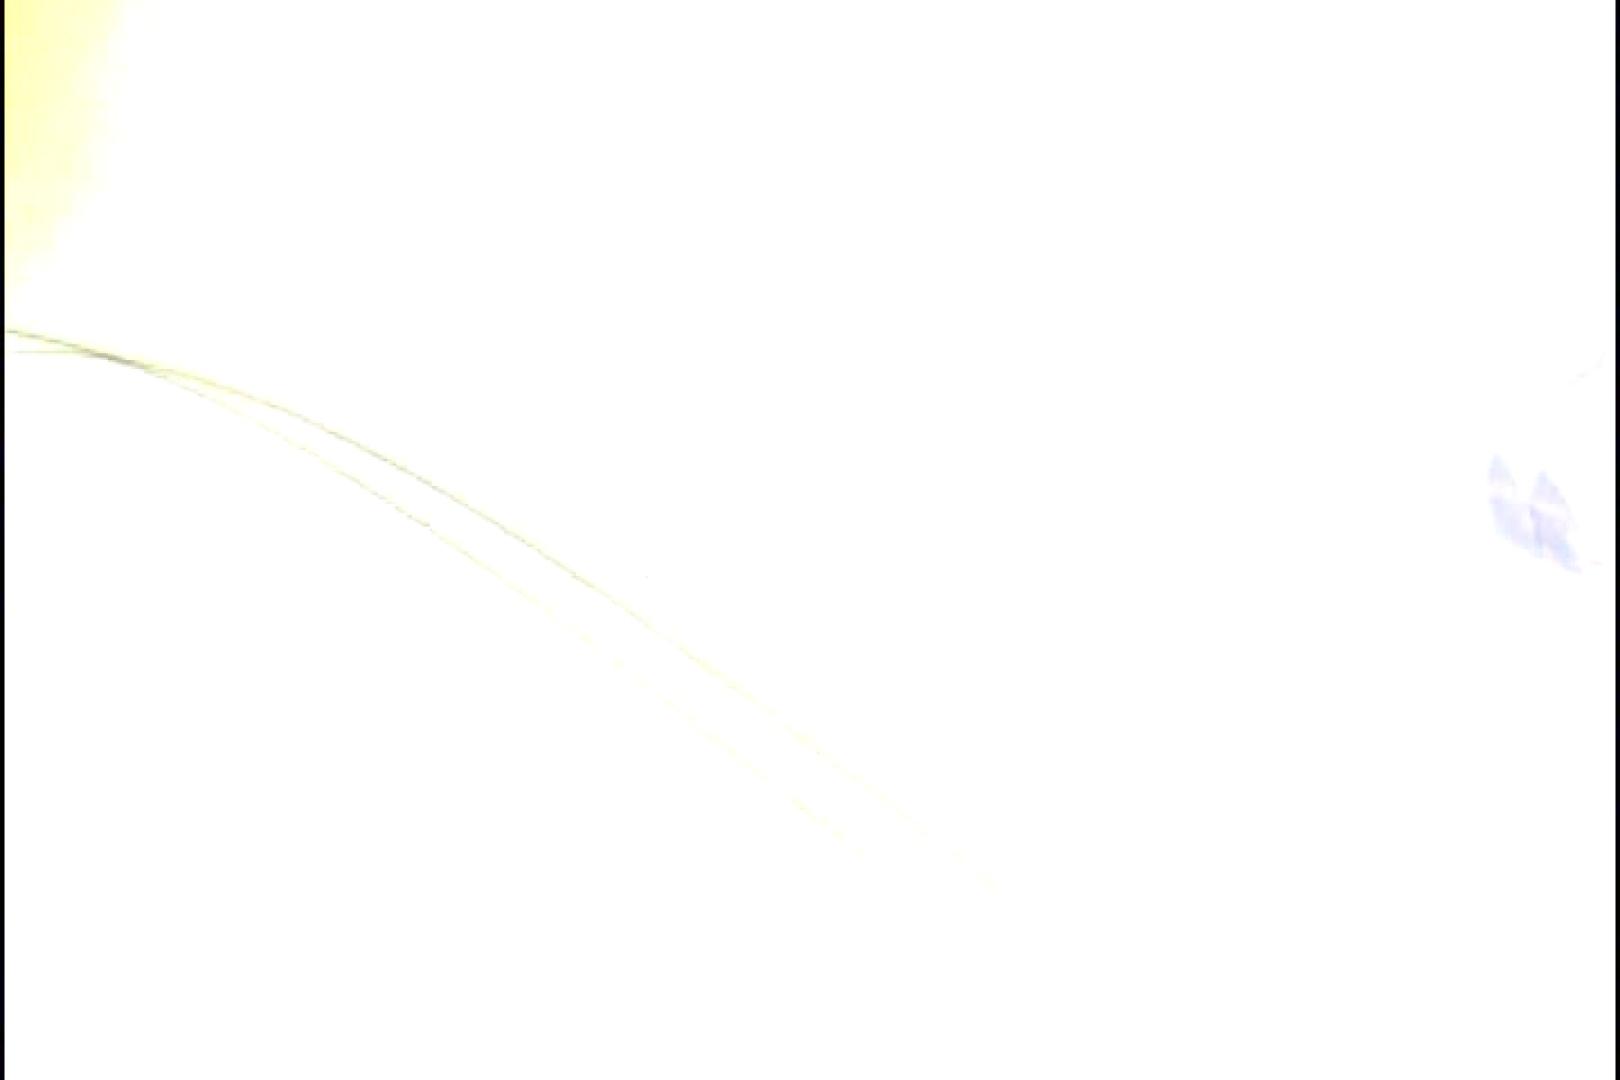 RQカメラ地獄Vol.11 エロティックなOL | コスチューム  86画像 10